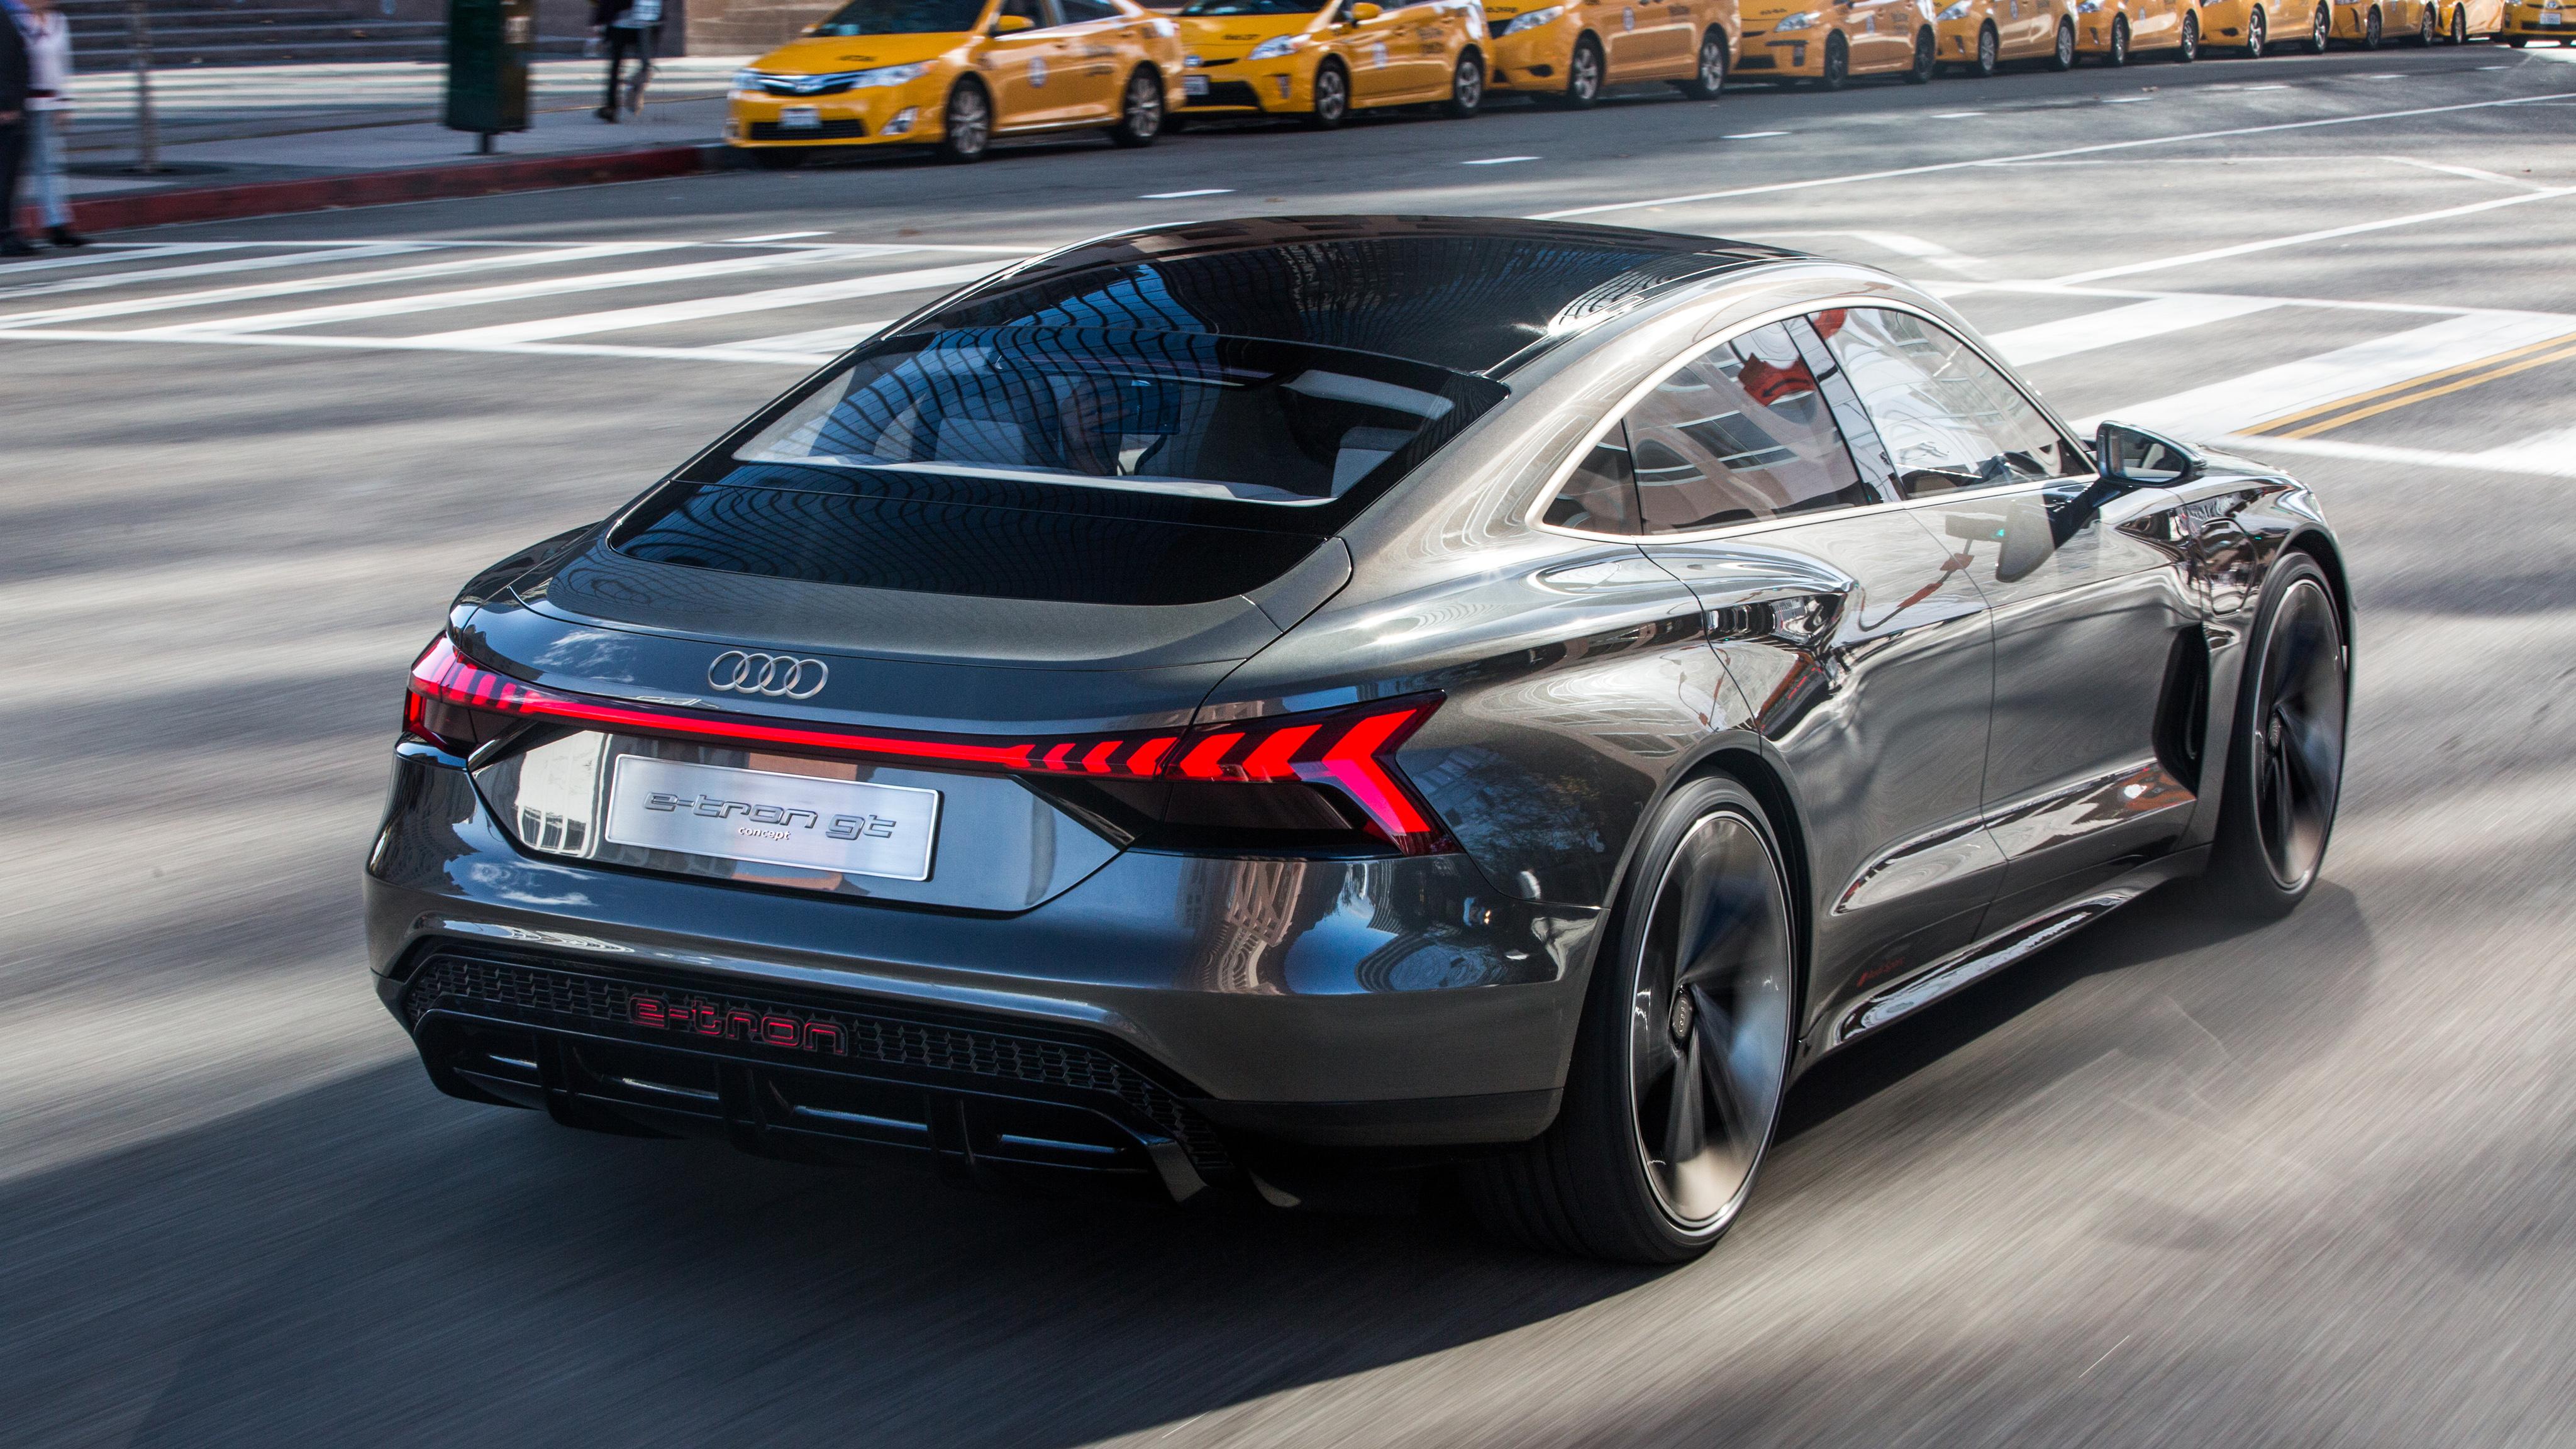 Audi E Tron Gt Concept 2019 4k 2 Wallpaper Hd Car Wallpapers Id 11749